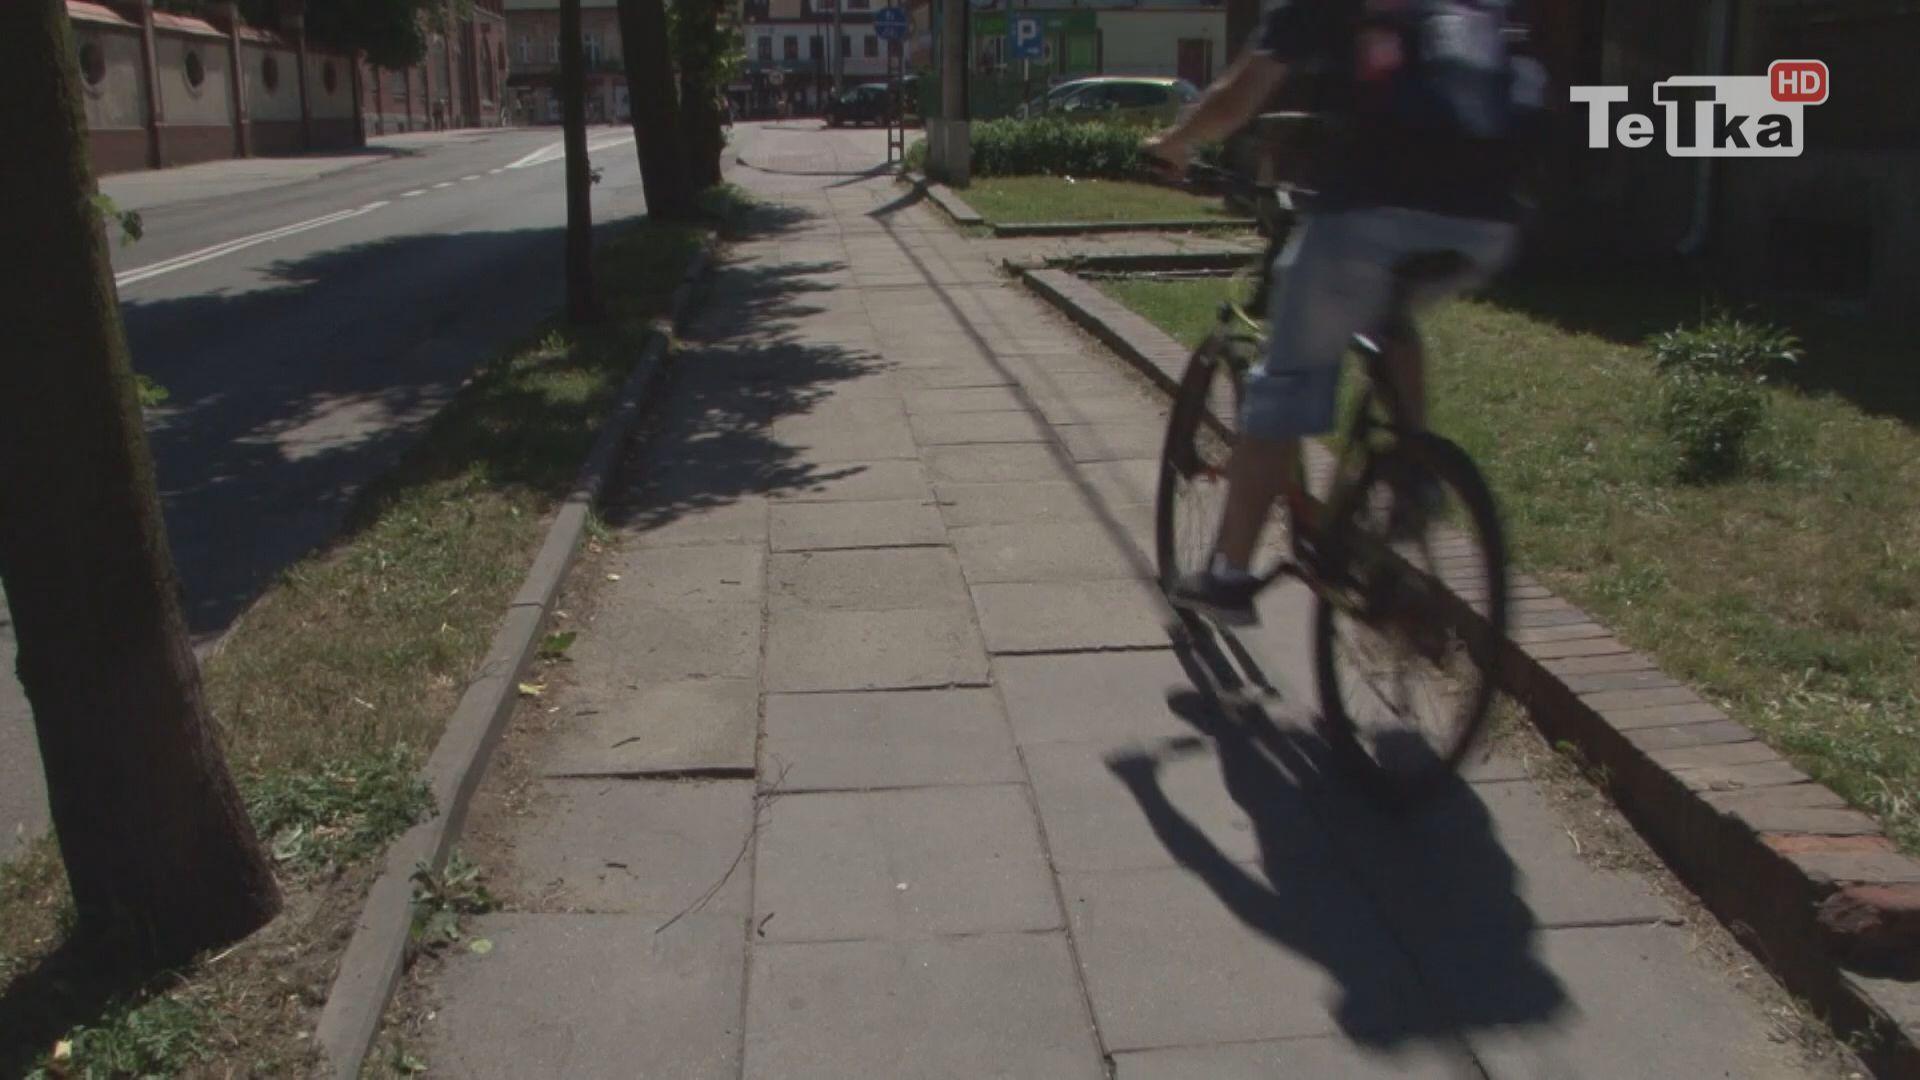 - firma Radex zajmie się remontami chodników miejskich